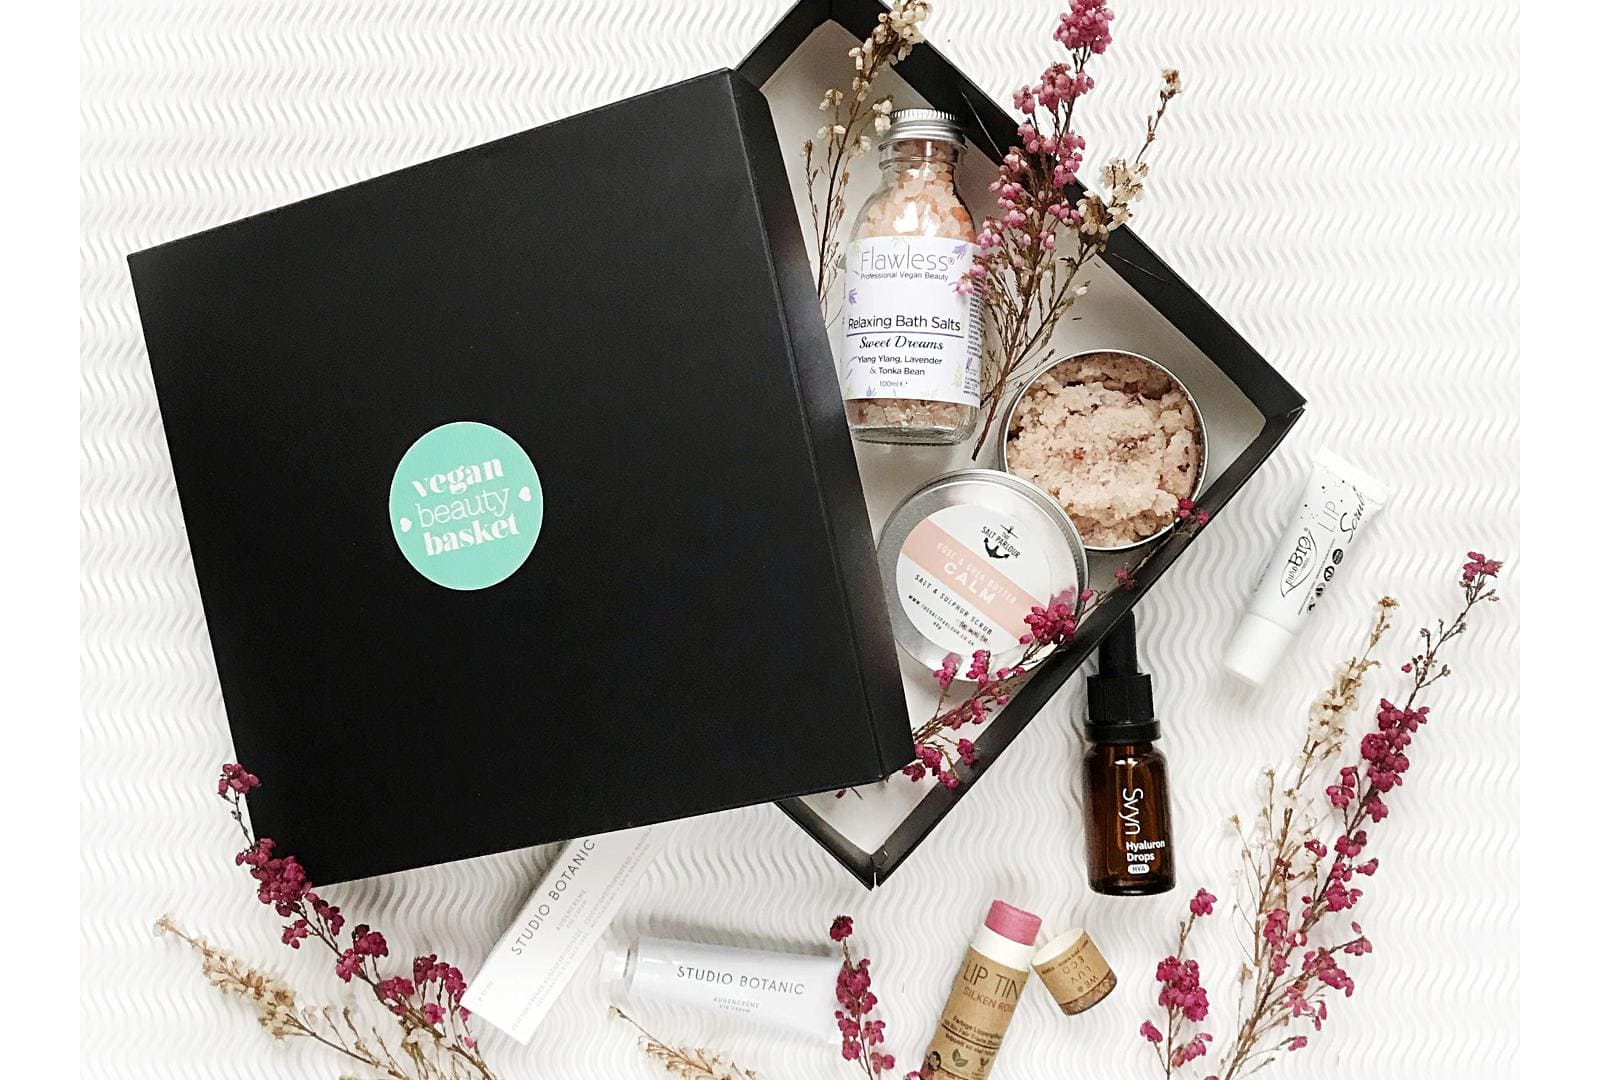 vegan beauty basket beauty abo box